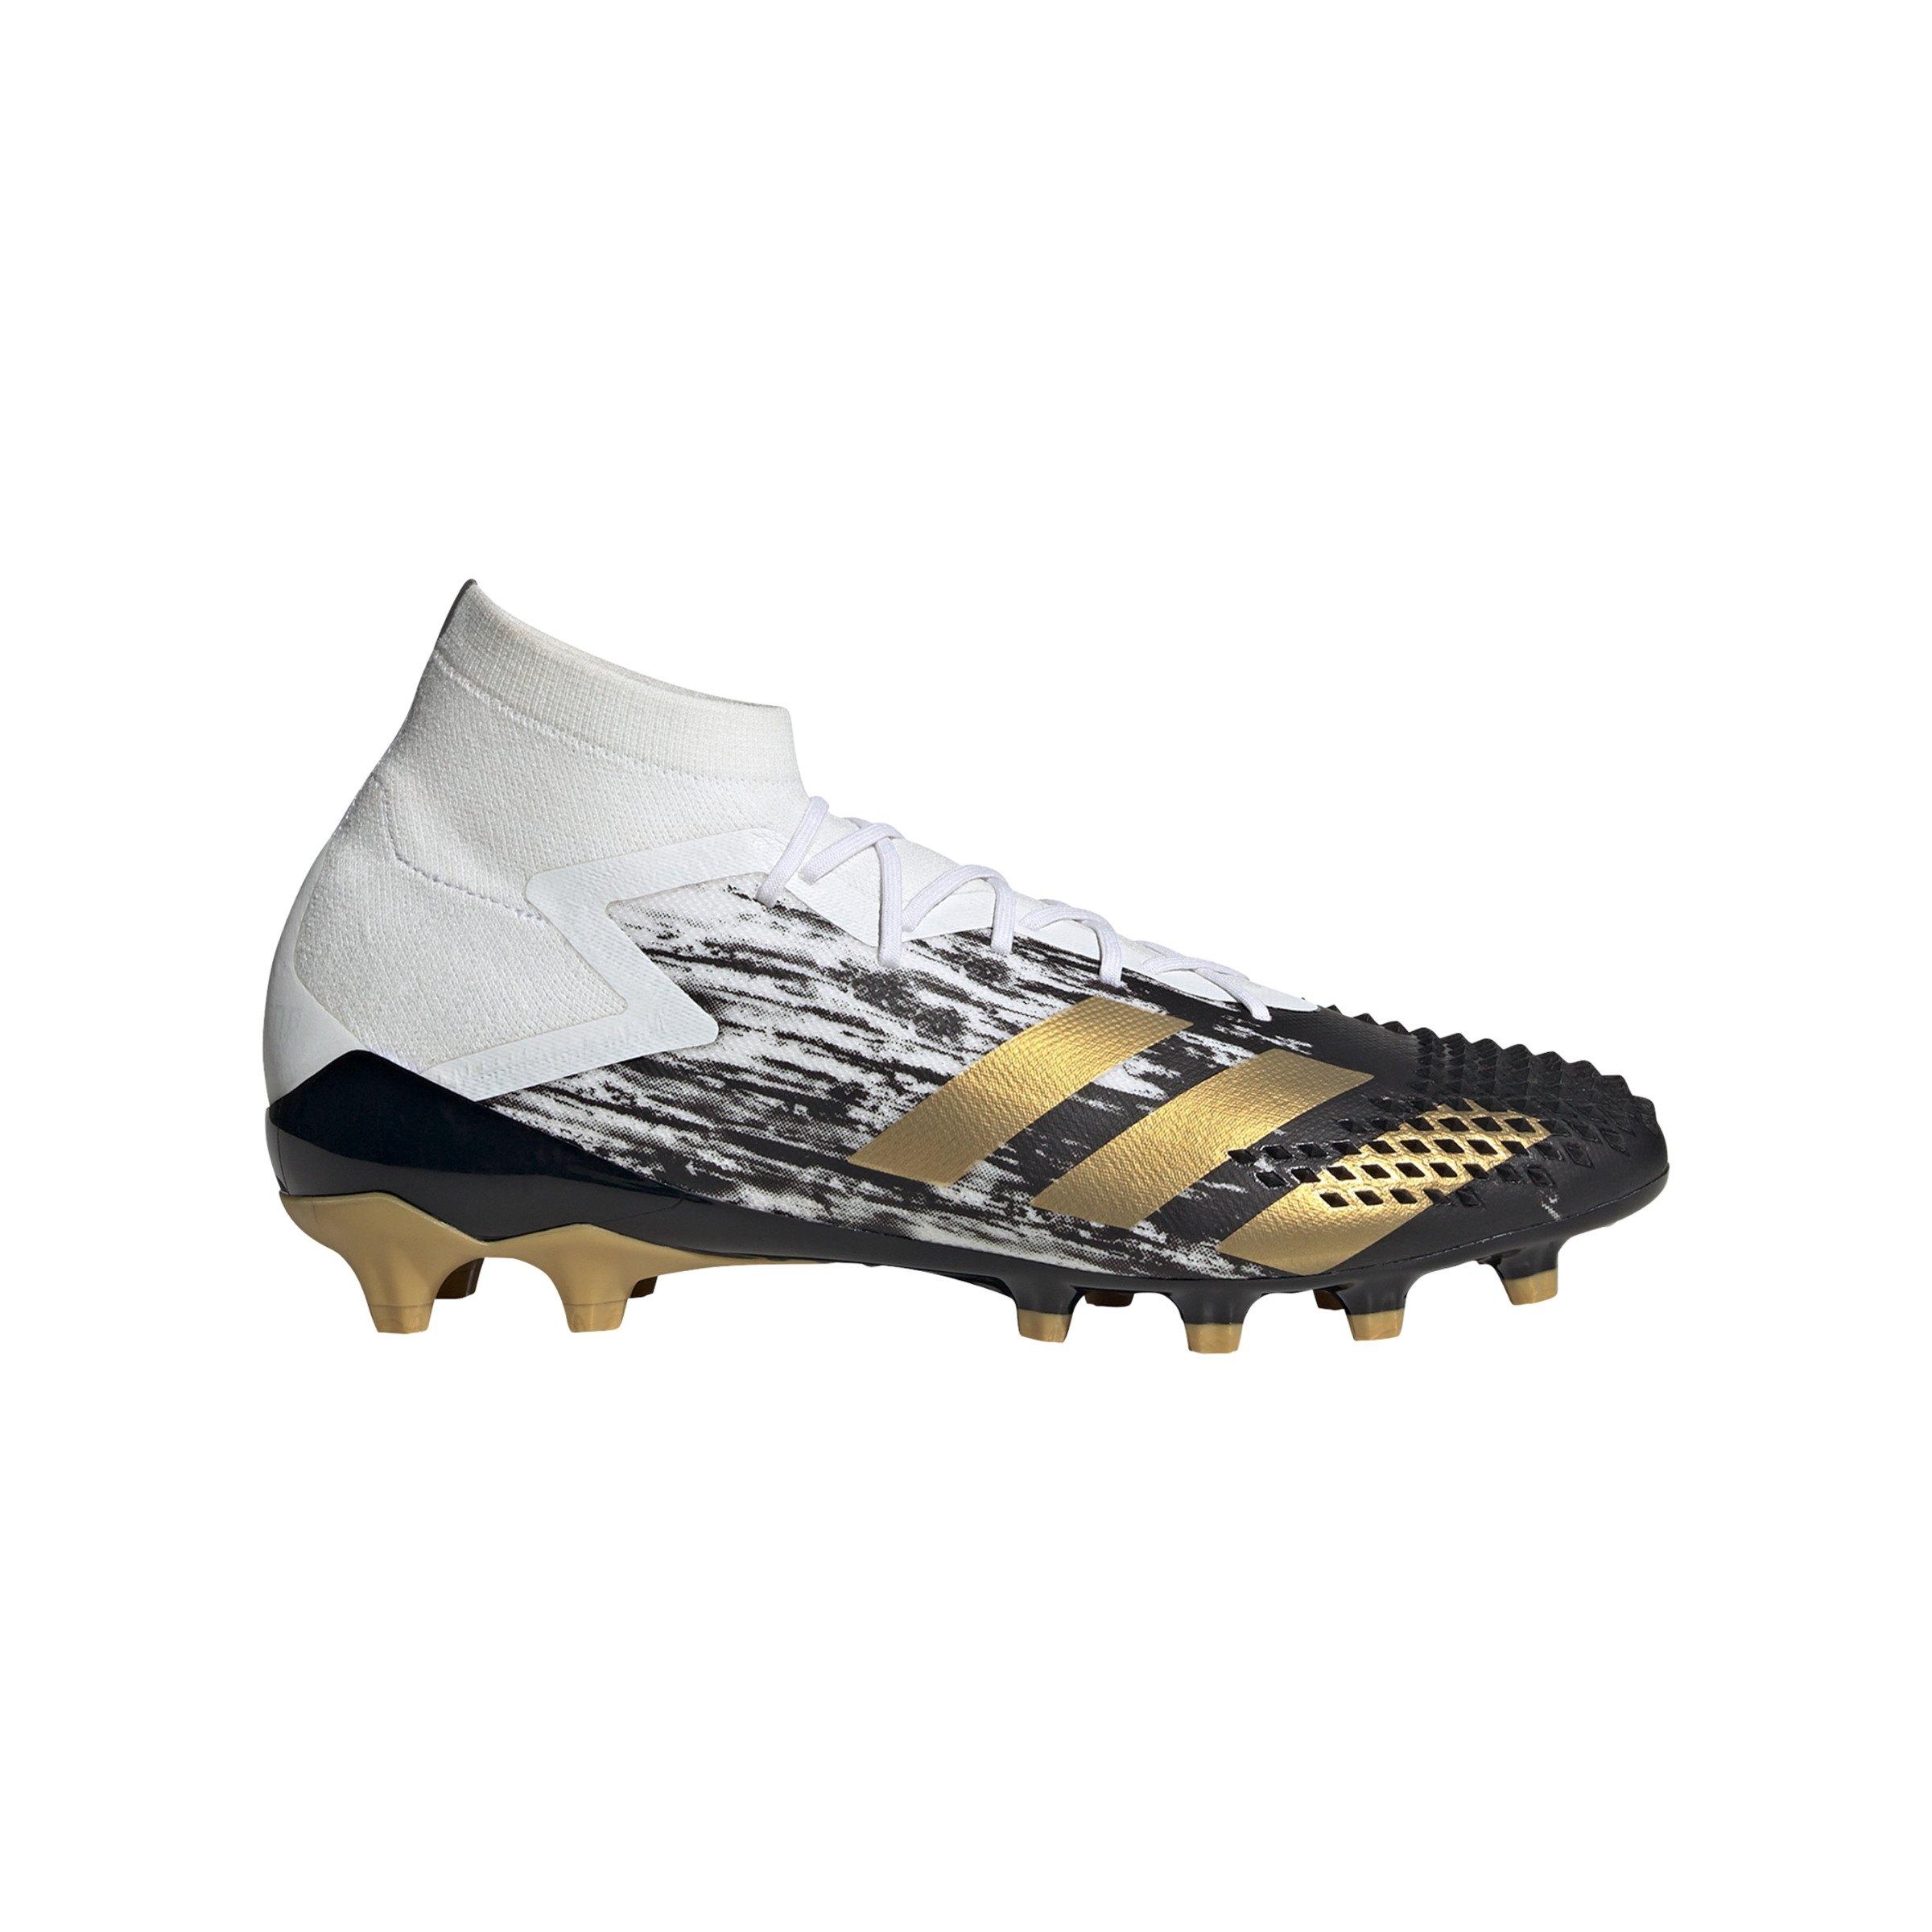 adidas Predator Inflight 20.1 AG Weiss Gold - weiss